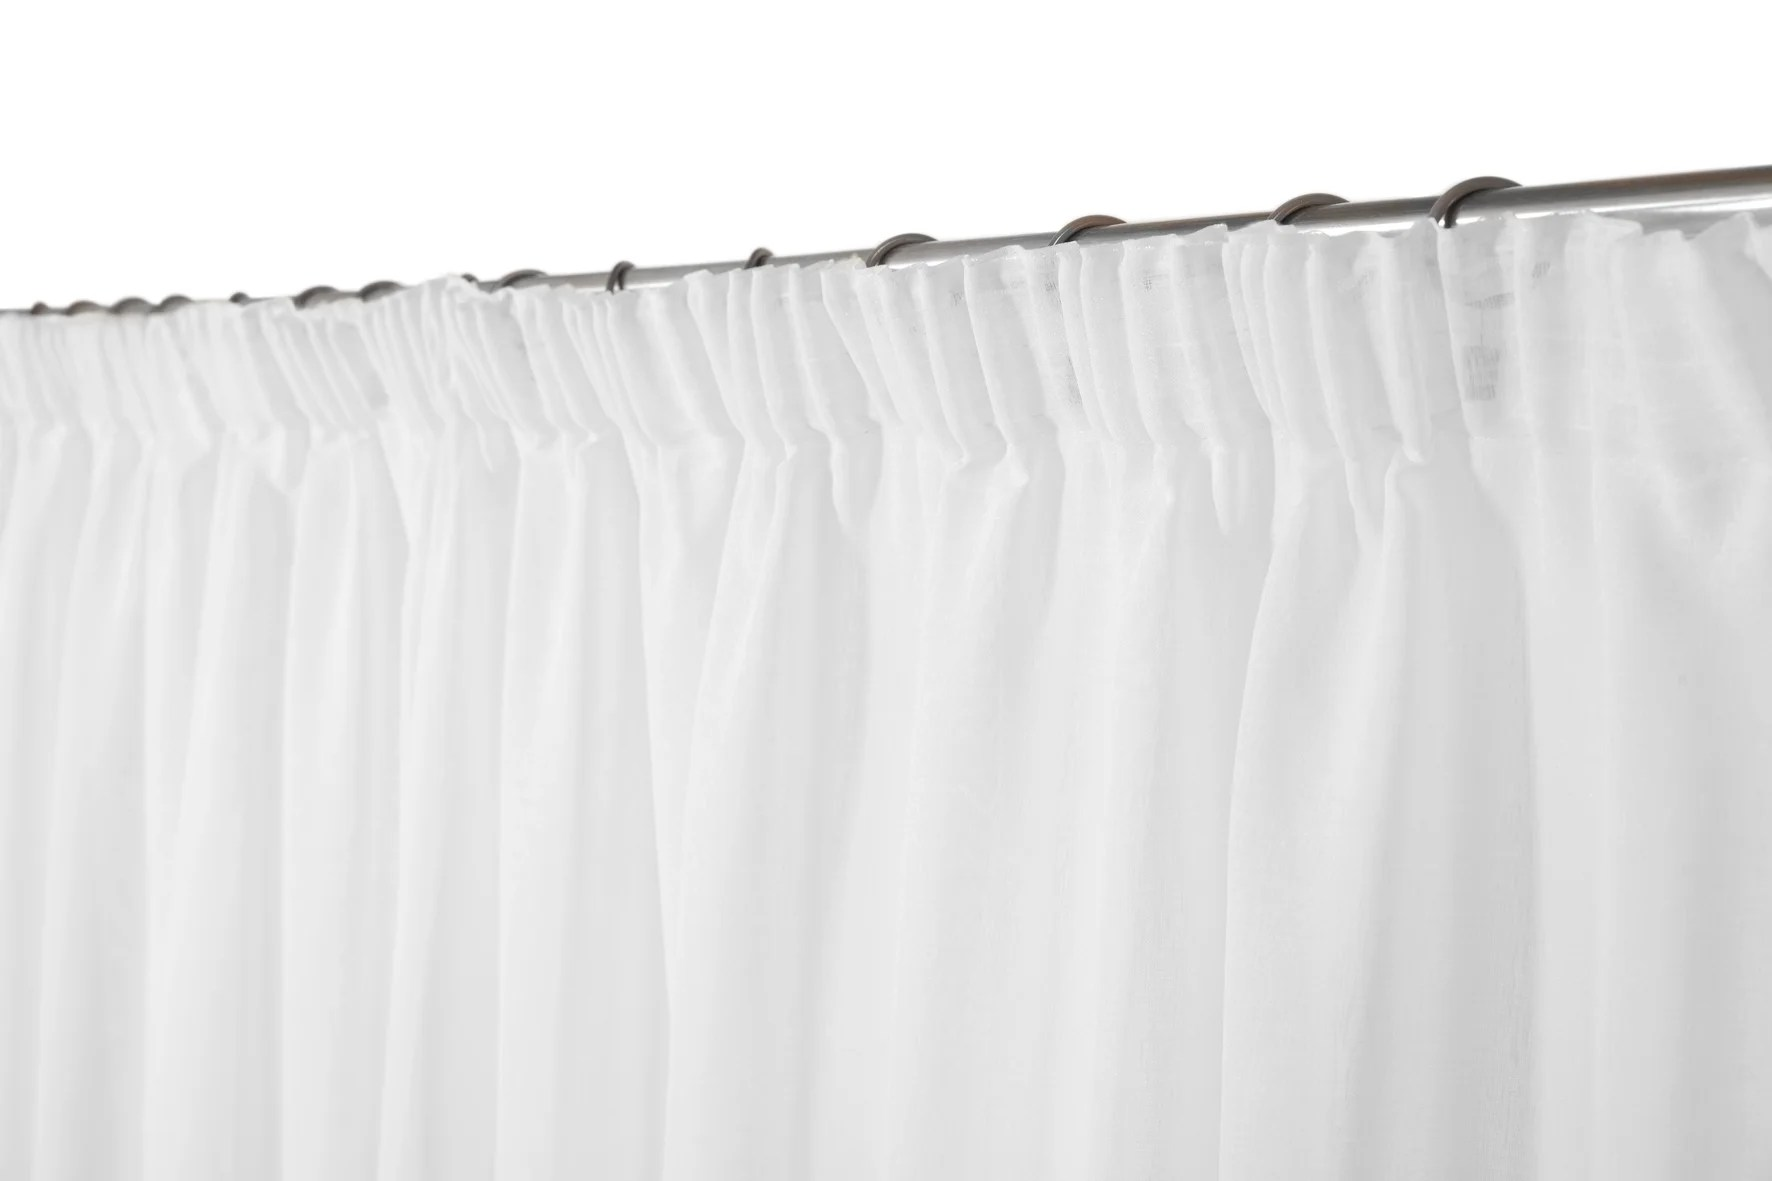 voilage transparent leo ruflette blanc l 280 x h 160 cm